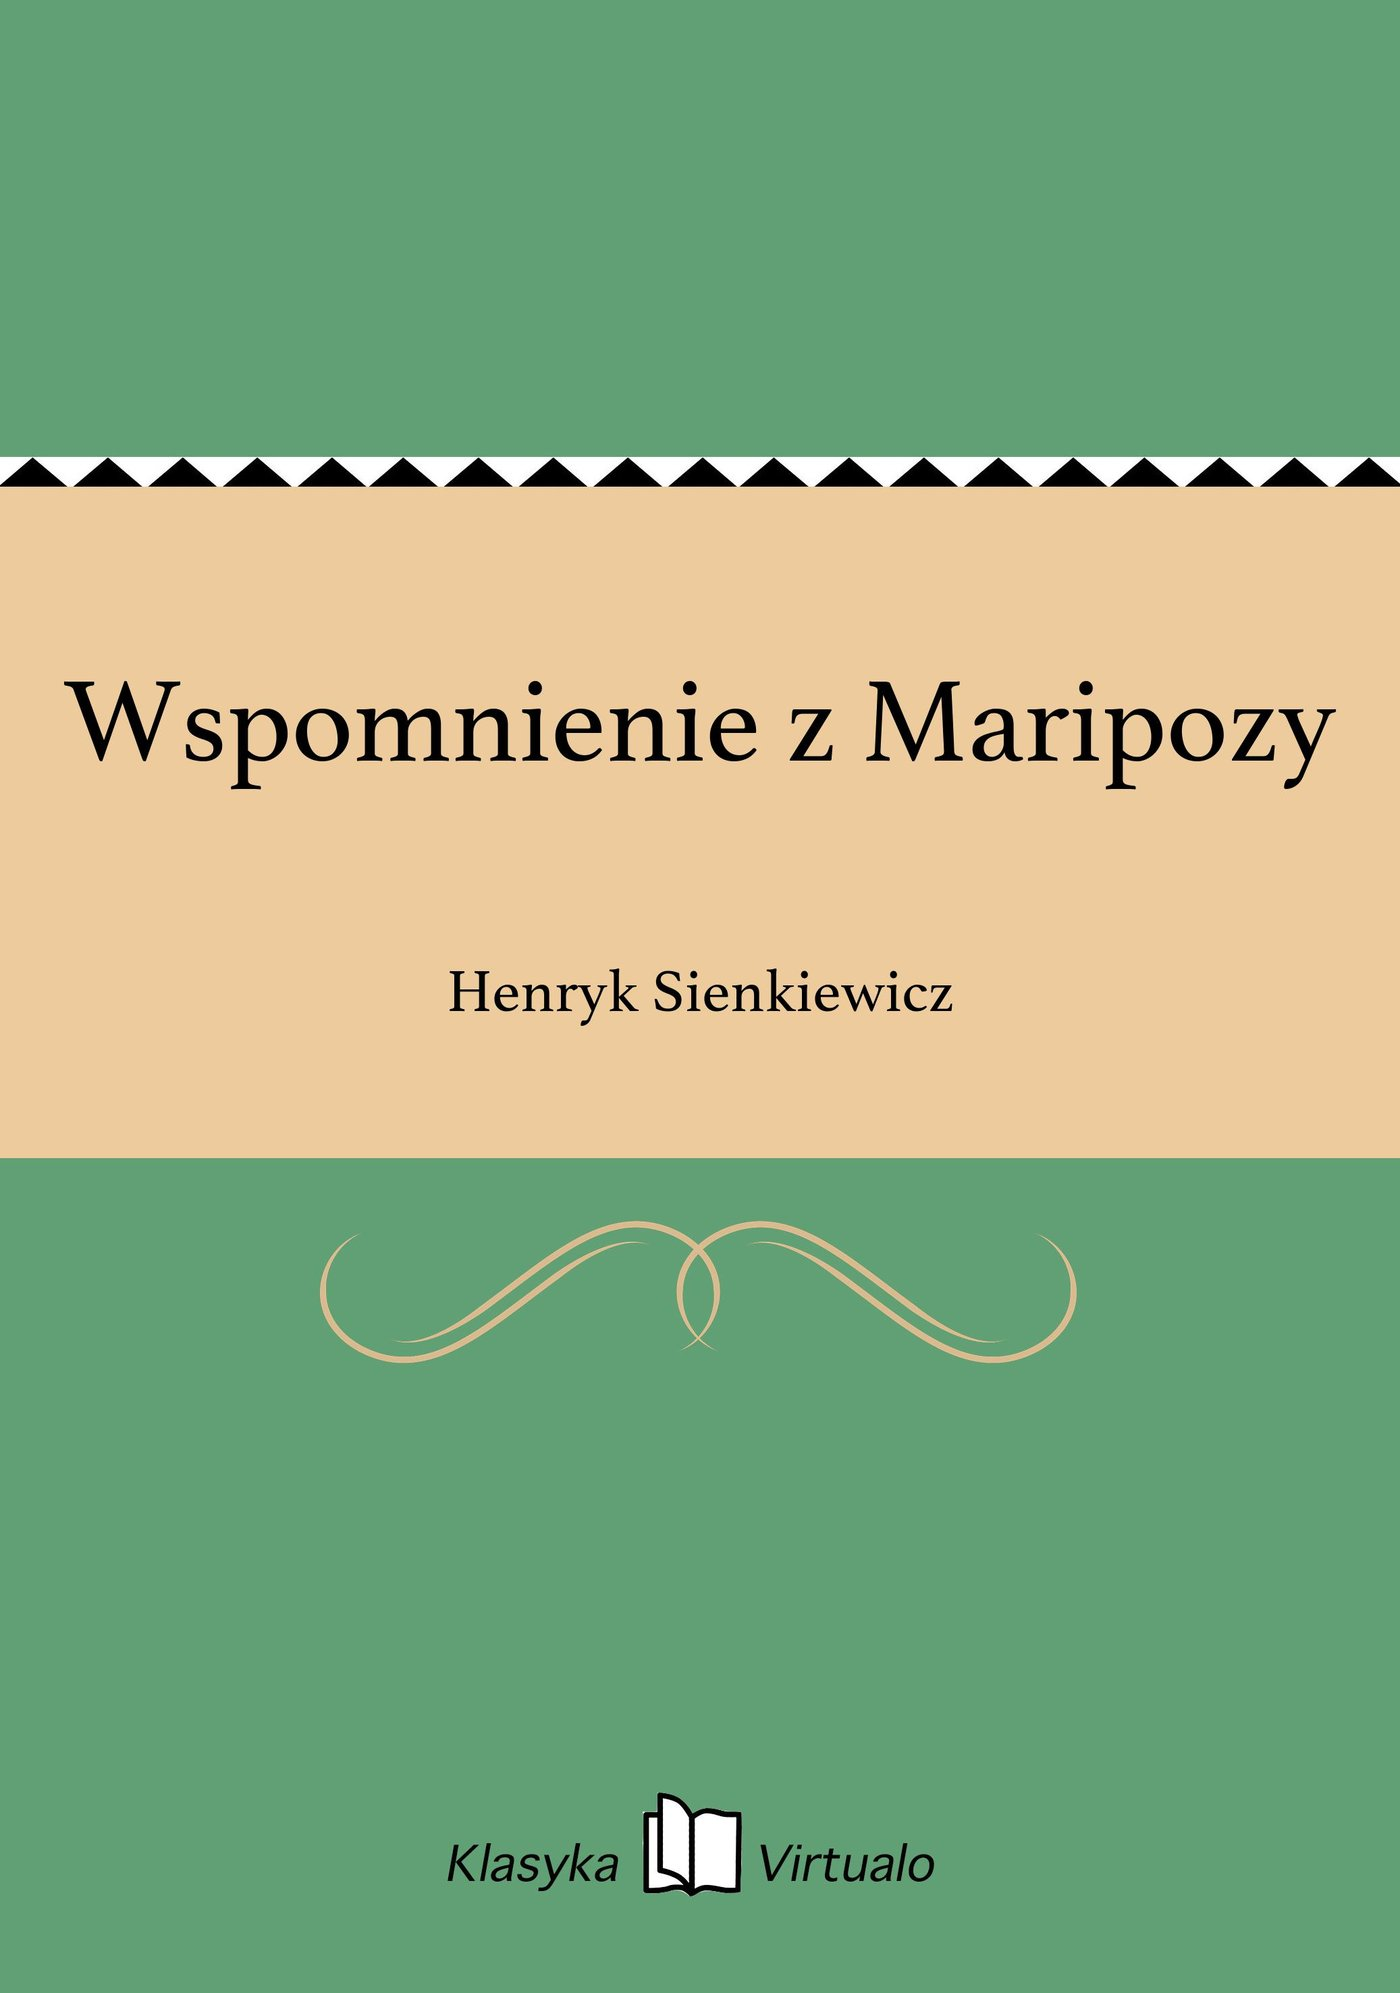 Wspomnienie z Maripozy - Ebook (Książka EPUB) do pobrania w formacie EPUB